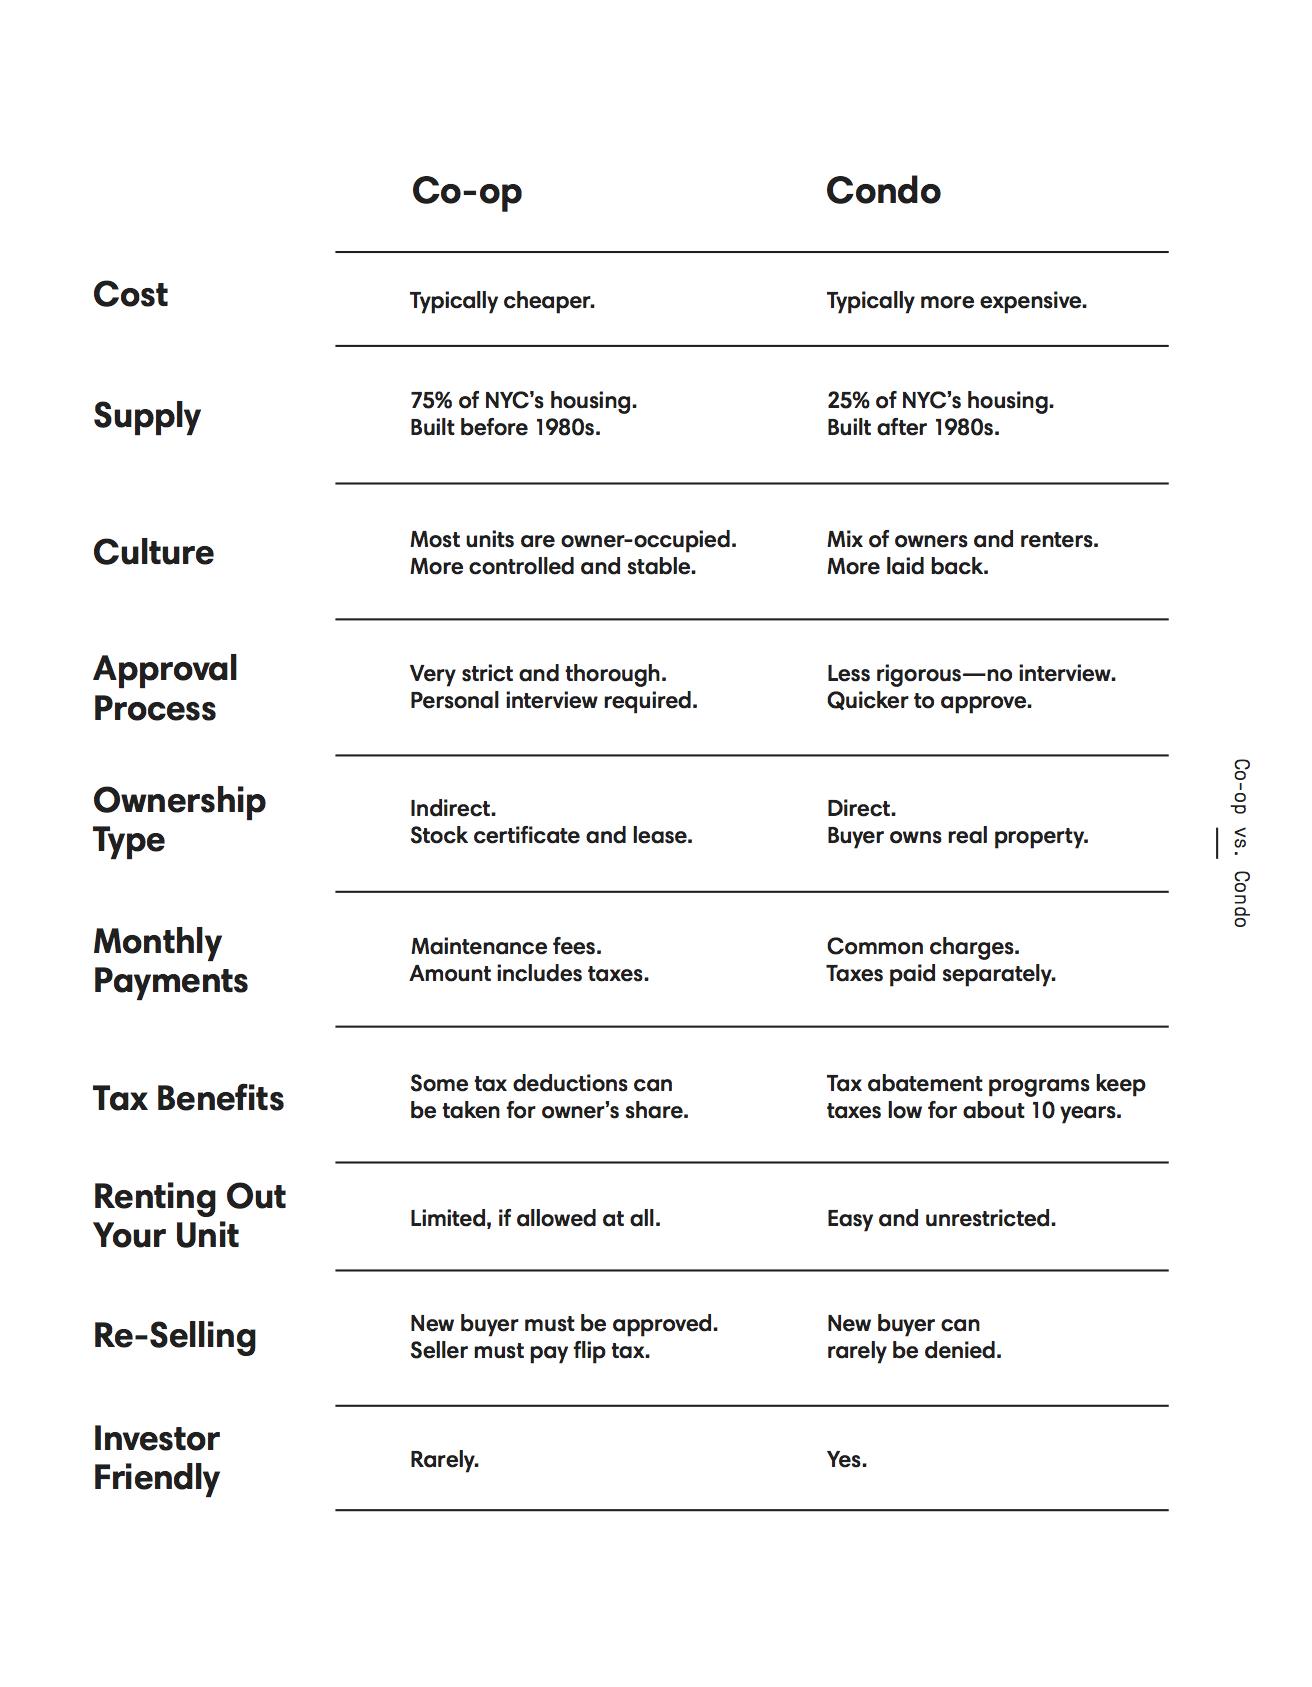 Buyer's Guide Nav Center 06282016 (dragged) 2.jpg